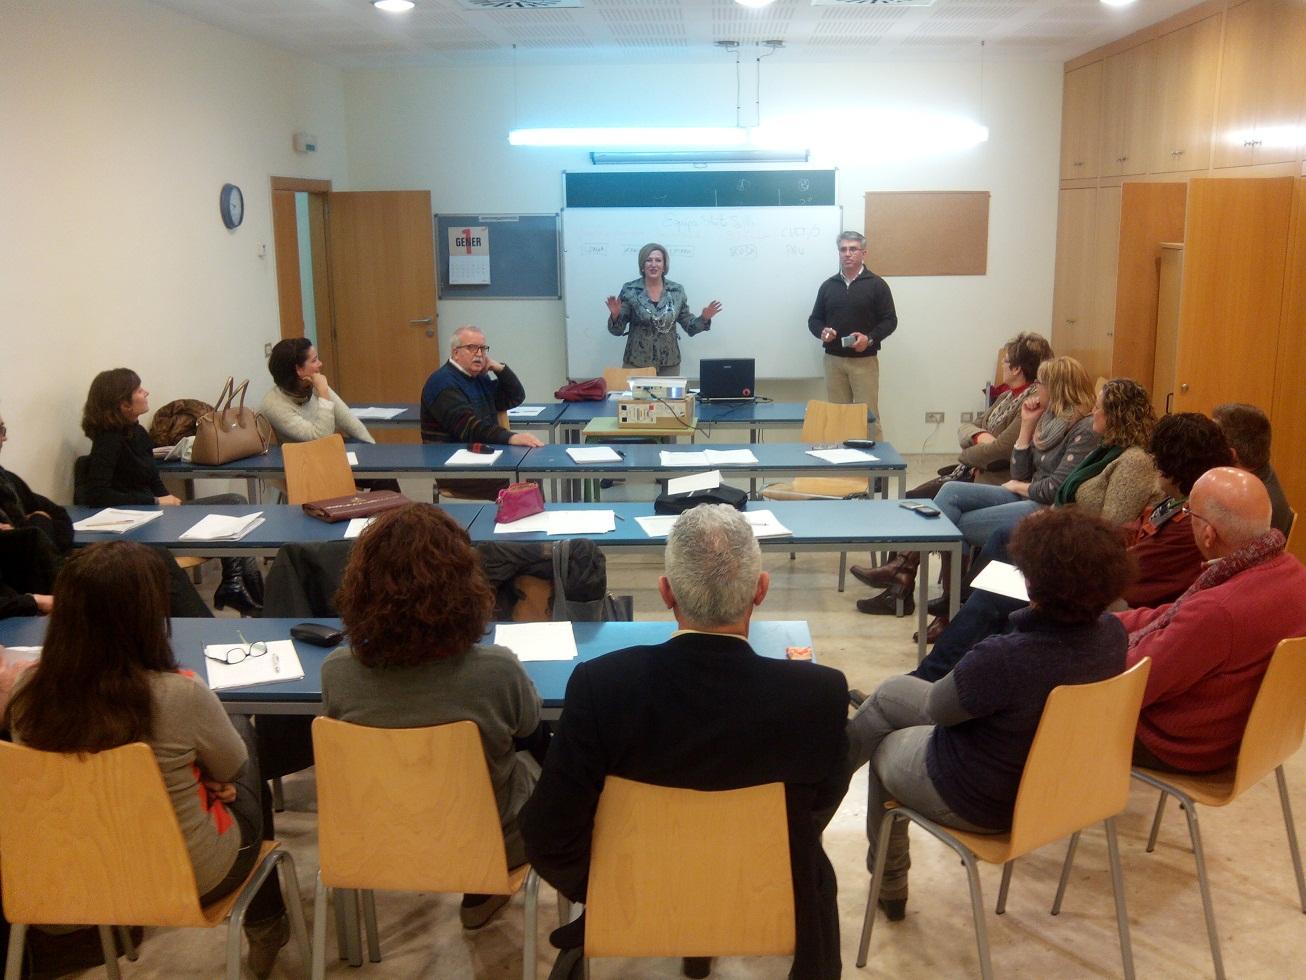 Concluye con éxito el curso de microhabilidades en la gestión pública en el Ayuntamiento de Silla